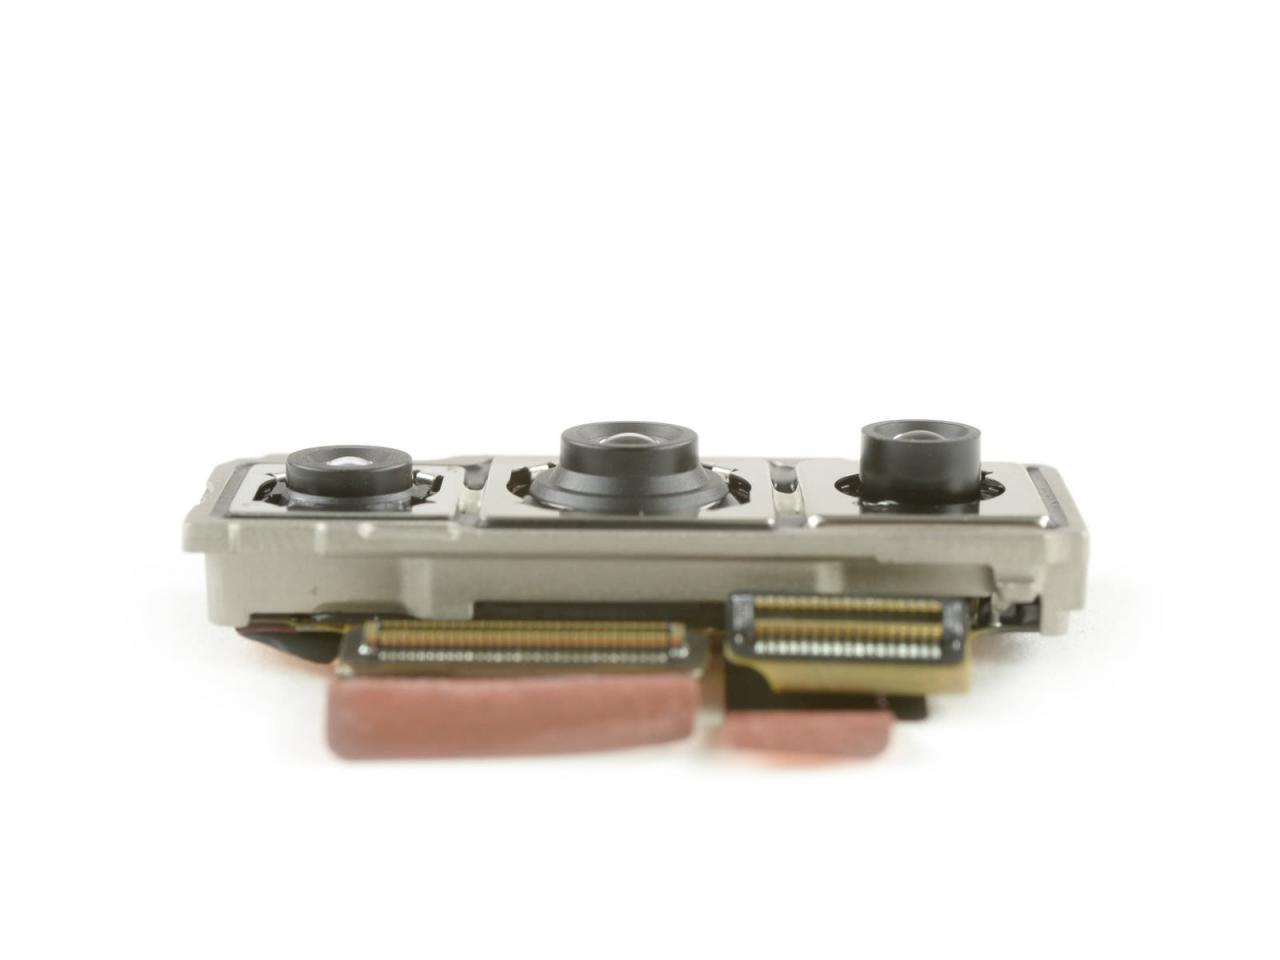 """华为P20 Pro拆解:3颗""""徕卡""""认证摄像头里藏着什么?-芯智讯"""